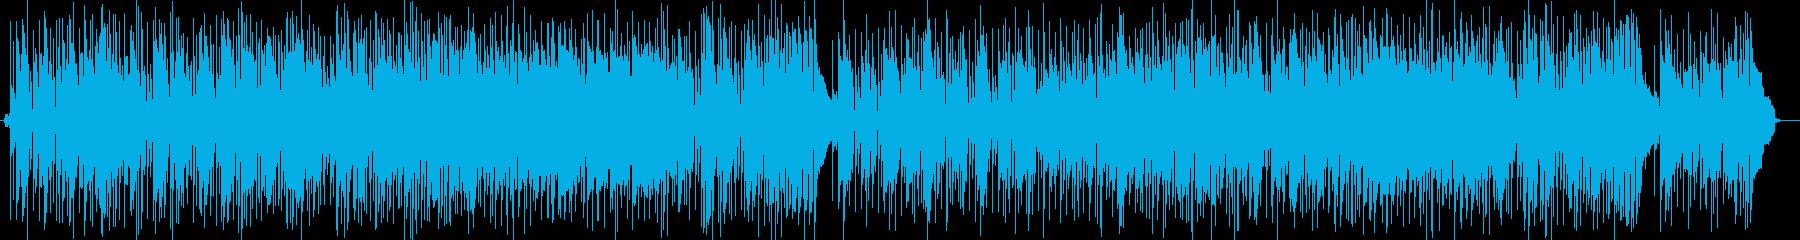 軽快で大人なセッション的なフュージョンの再生済みの波形